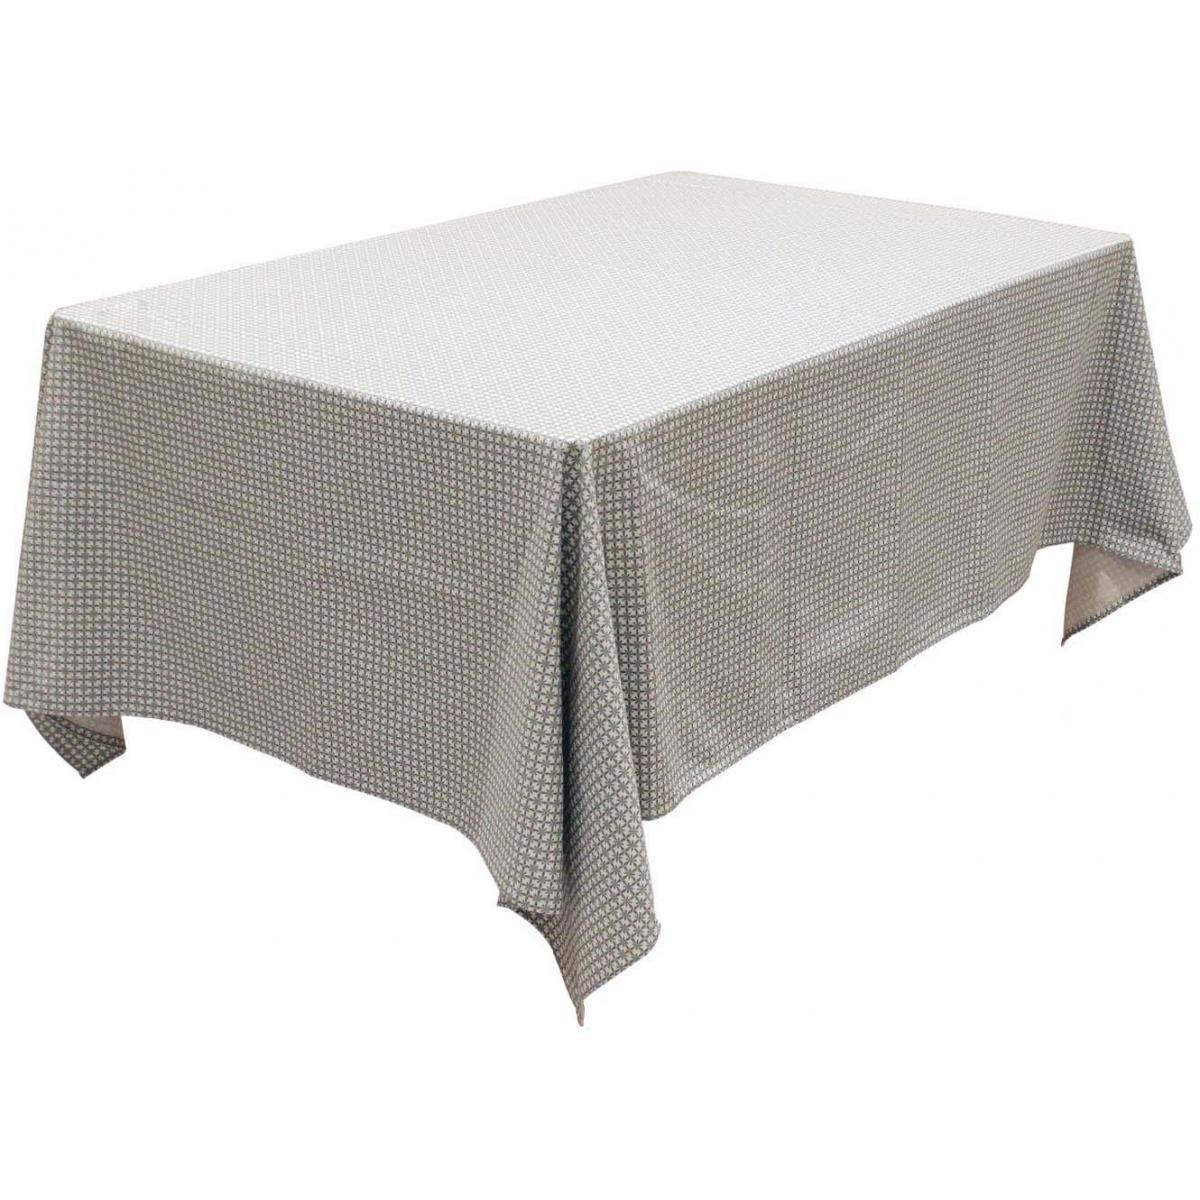 The Home Deco Factory Nappe à motifs pour table rectangulaire 140x240 cm Feuillage